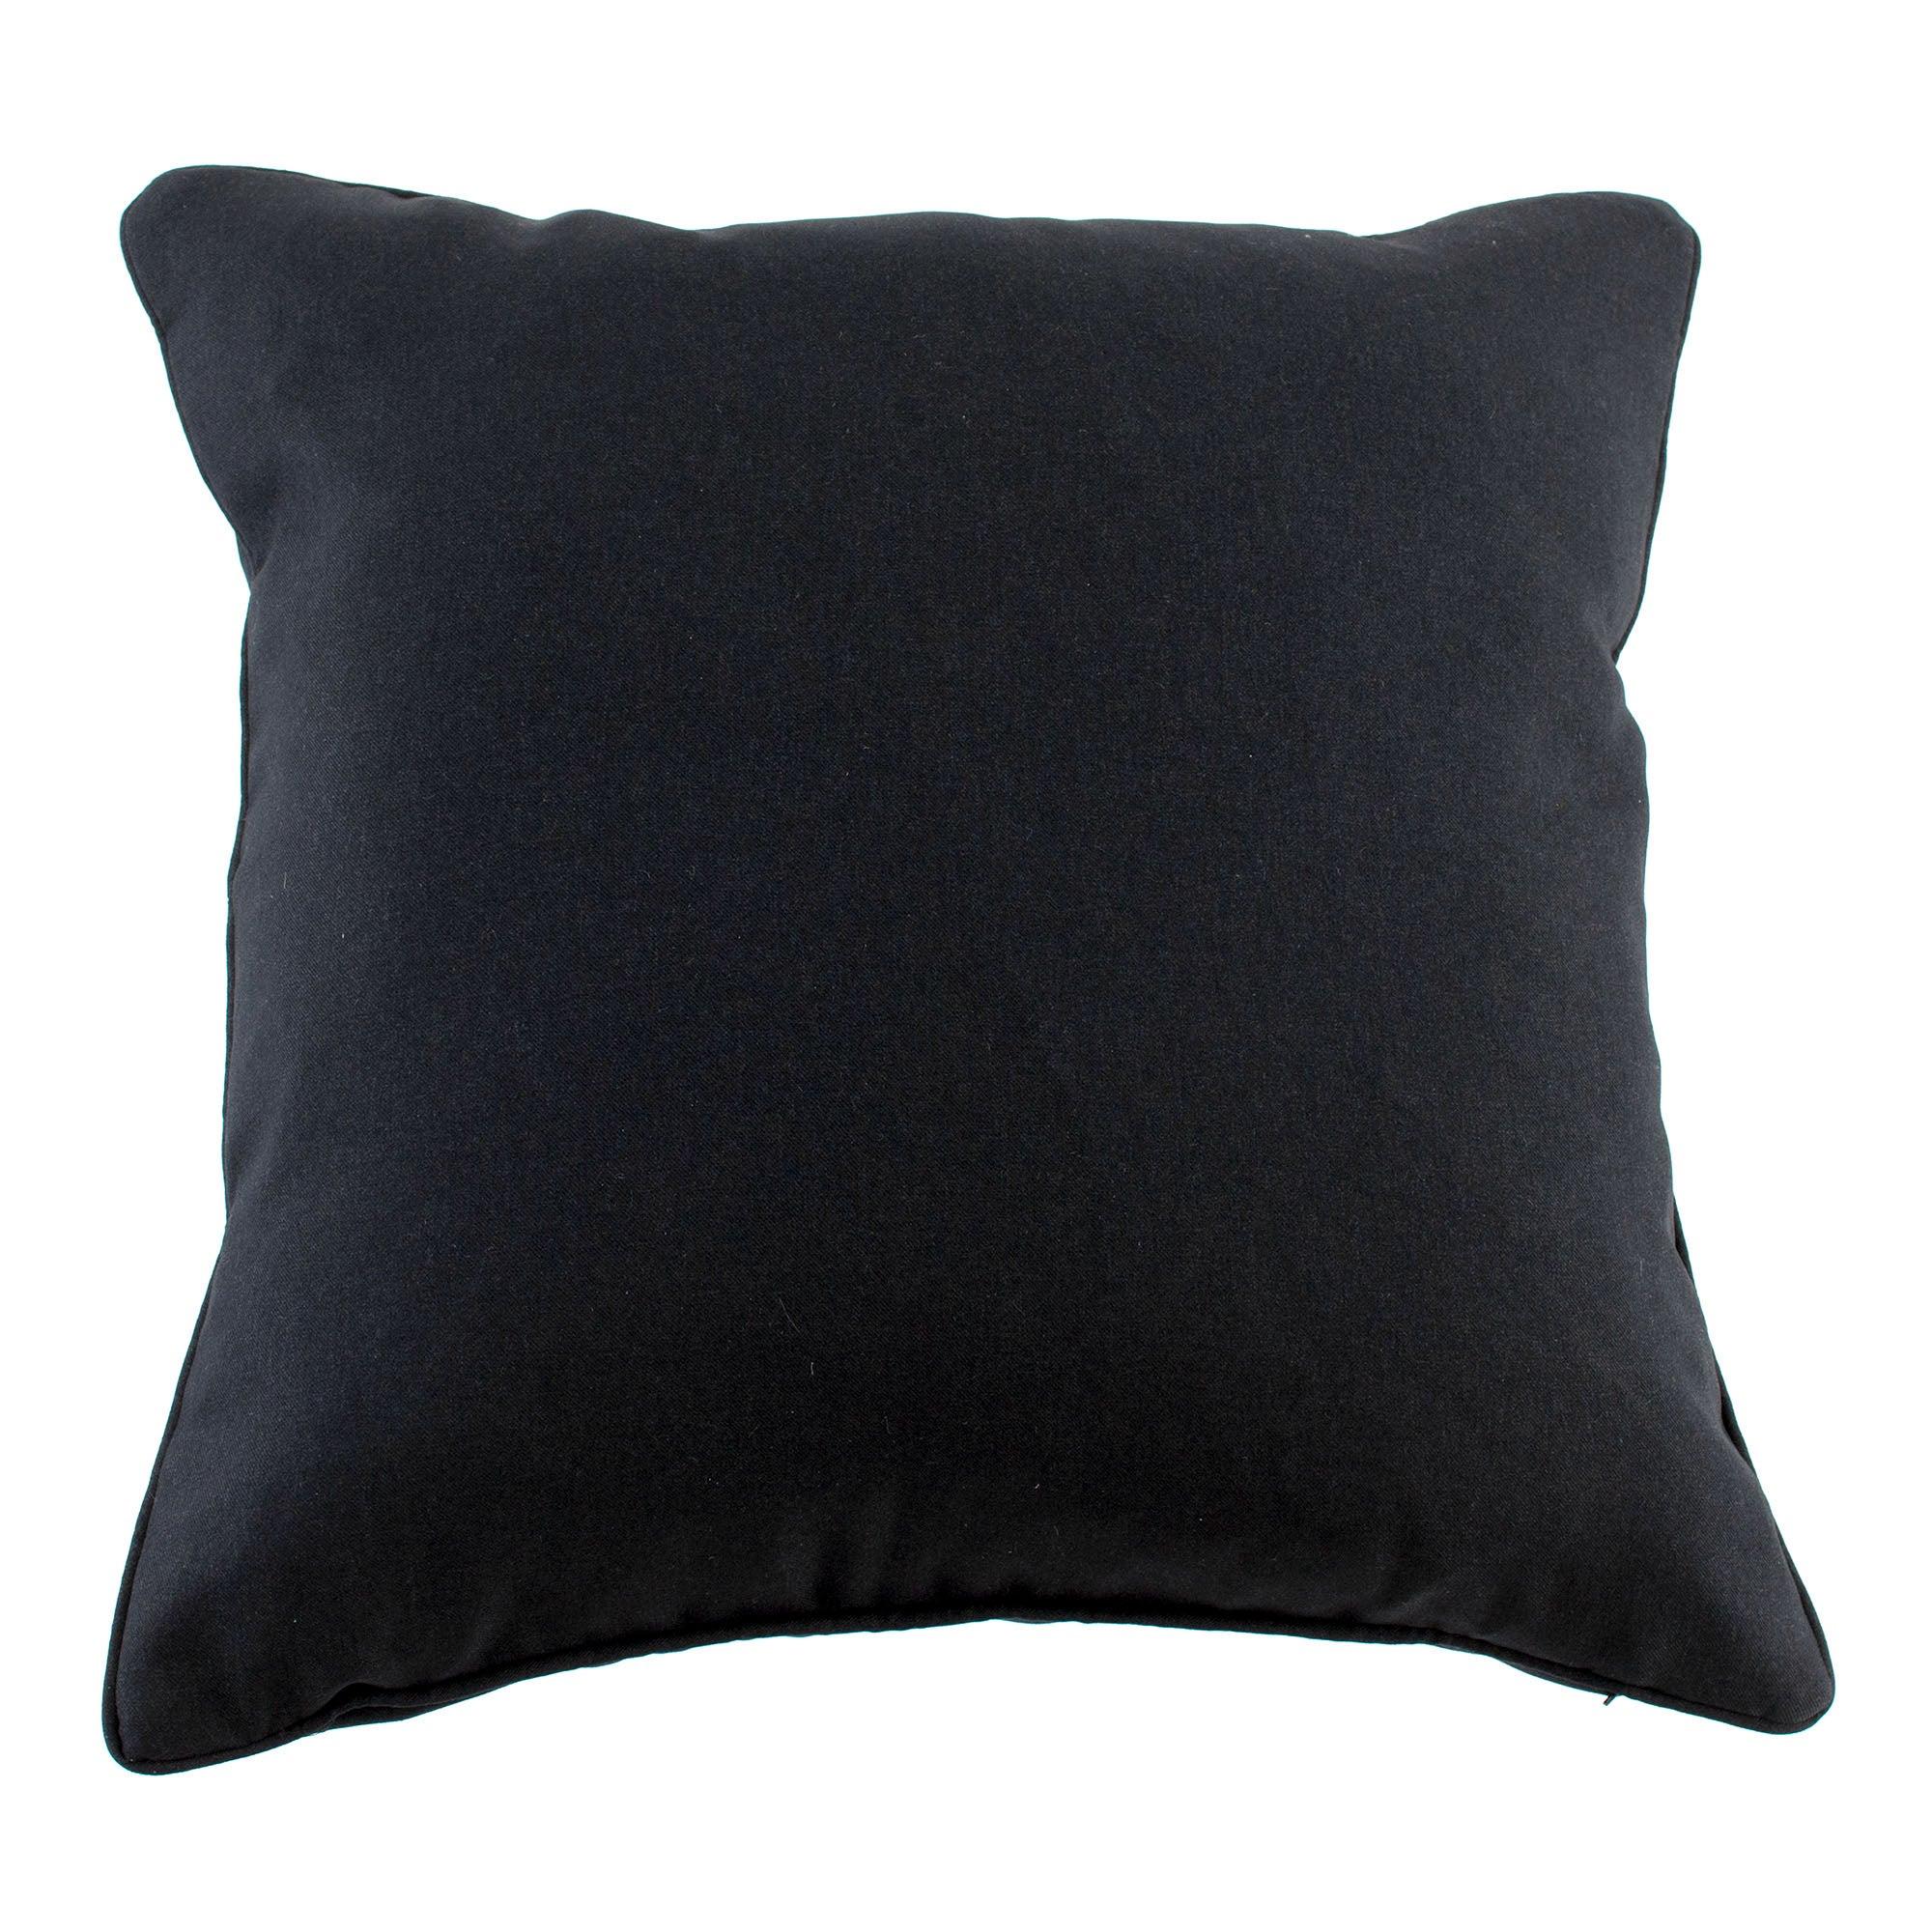 Large Madison Cushion